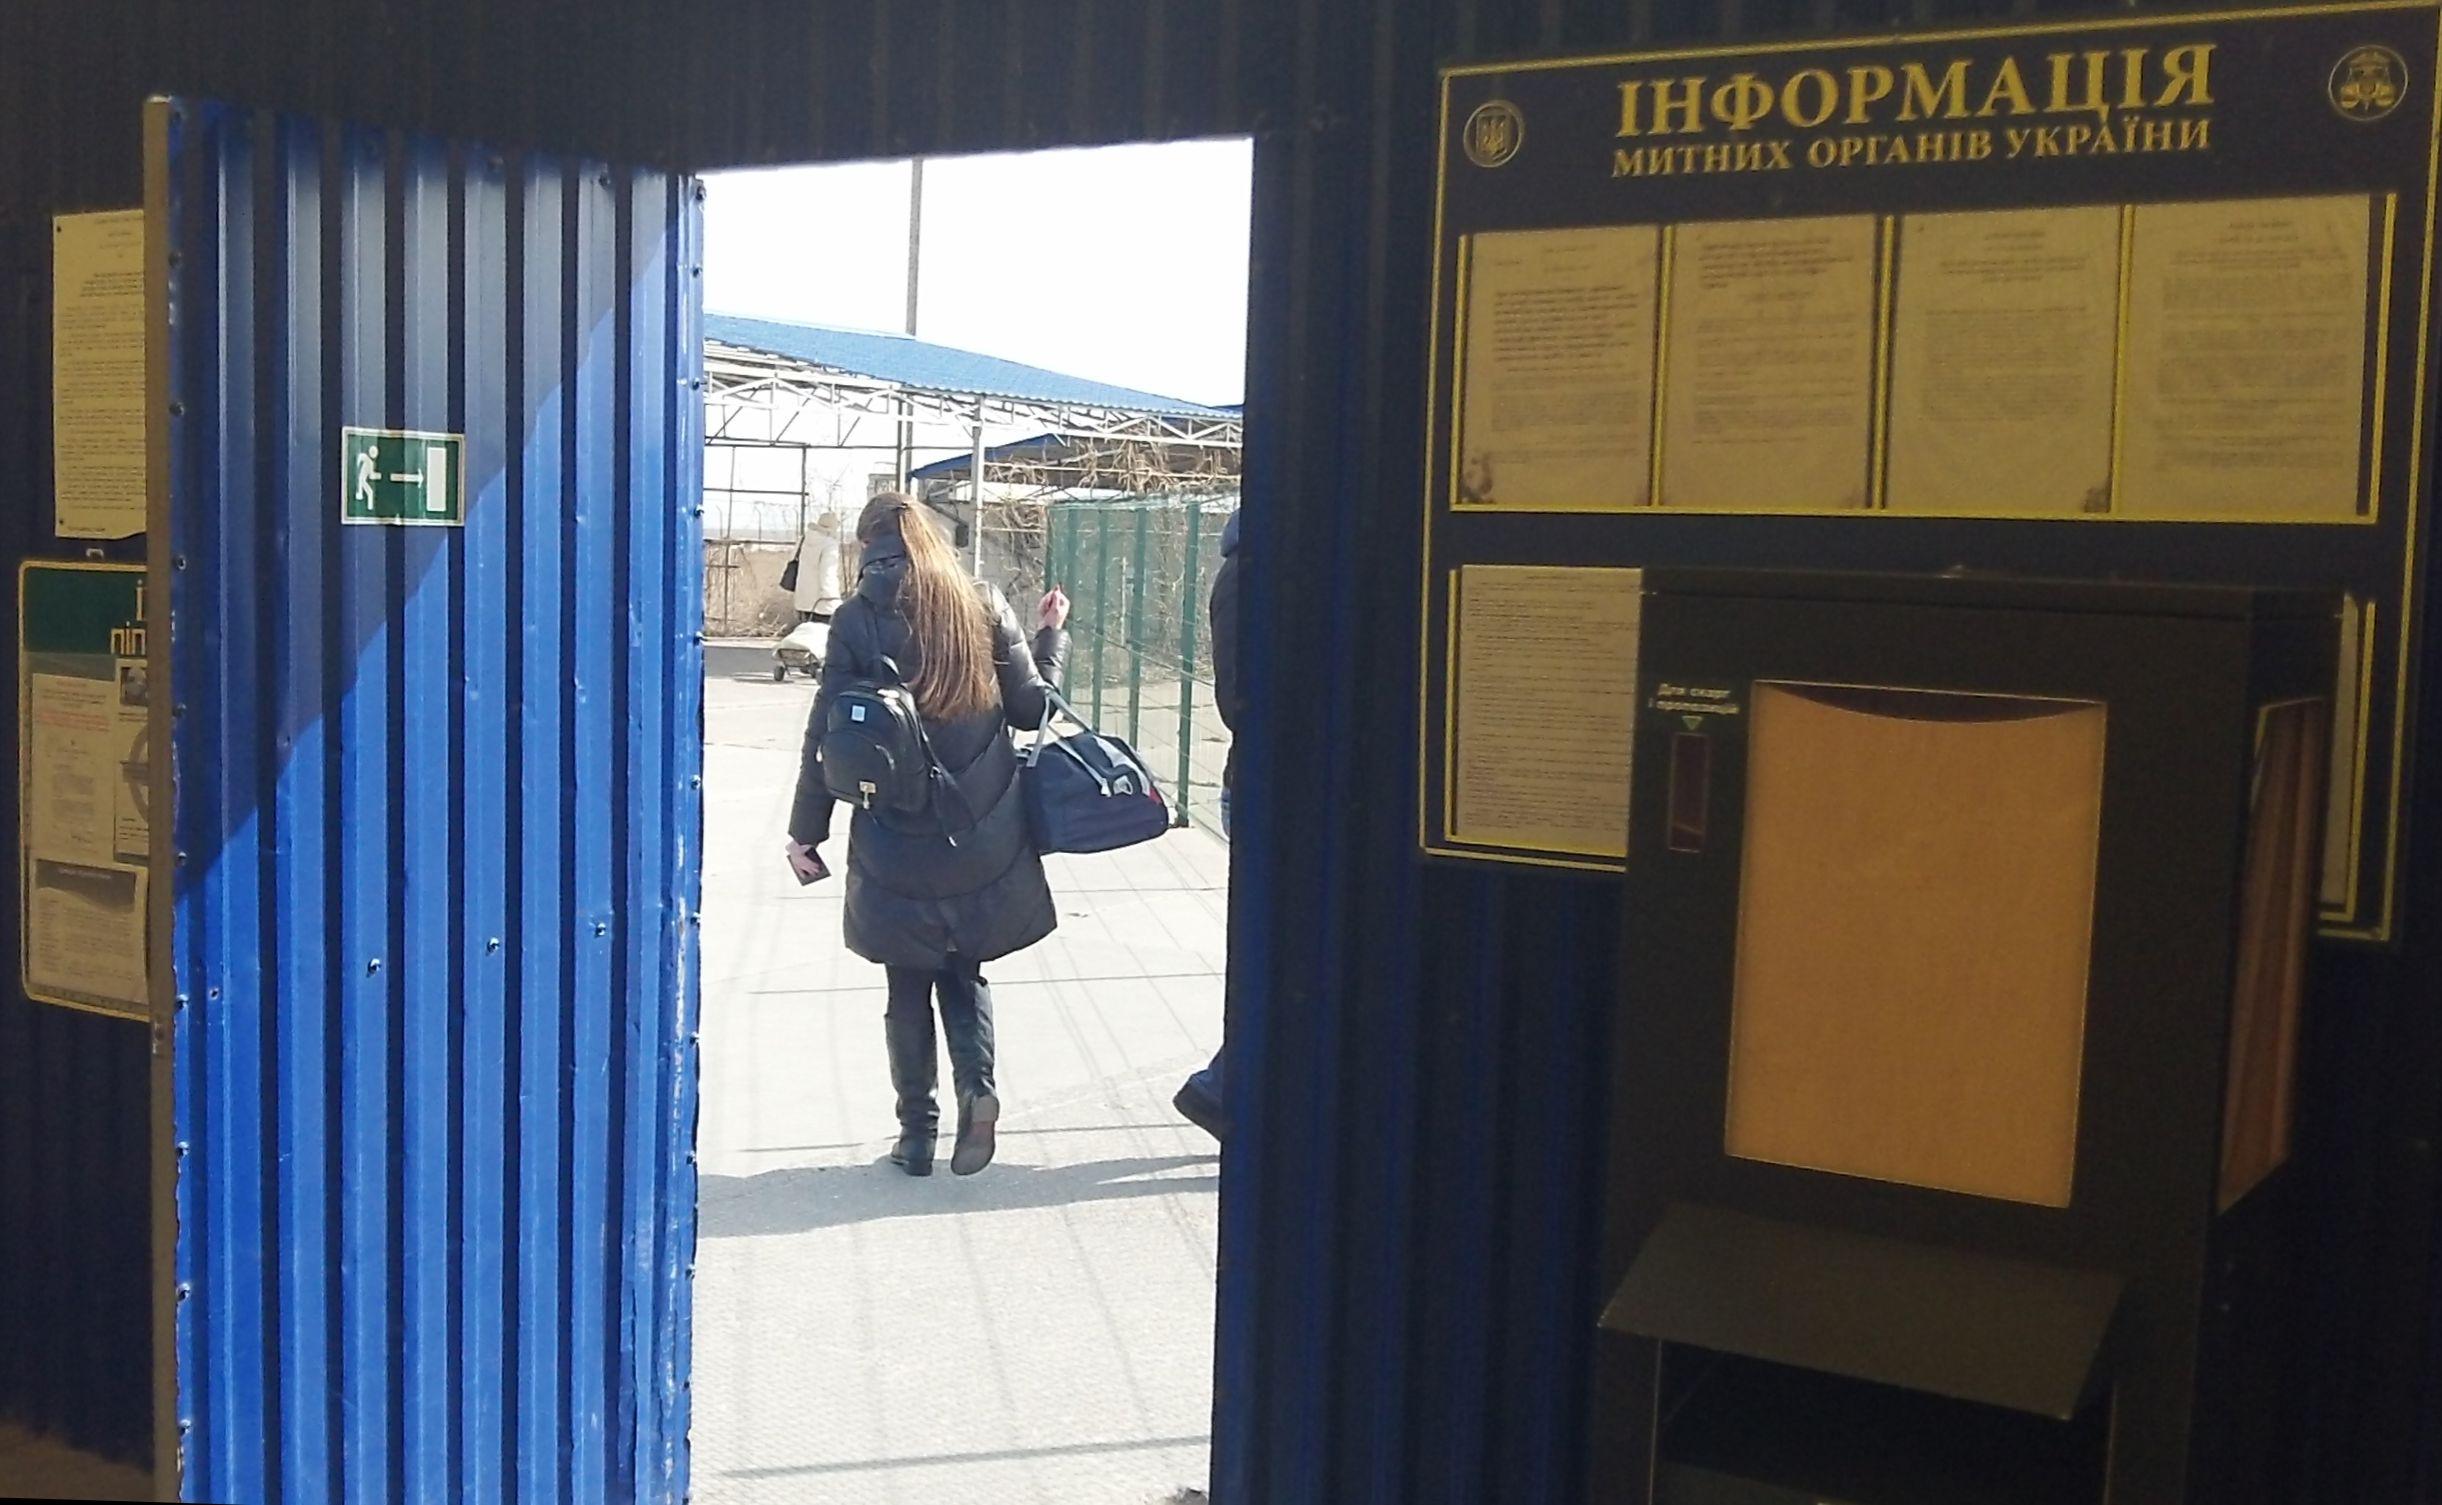 Отчет по результатам мониторинга соблюдения прав лиц, пересекающих украинские КПВВ, и прав граждан Украины, проживающих на территории АР Крым и г. Севастополь